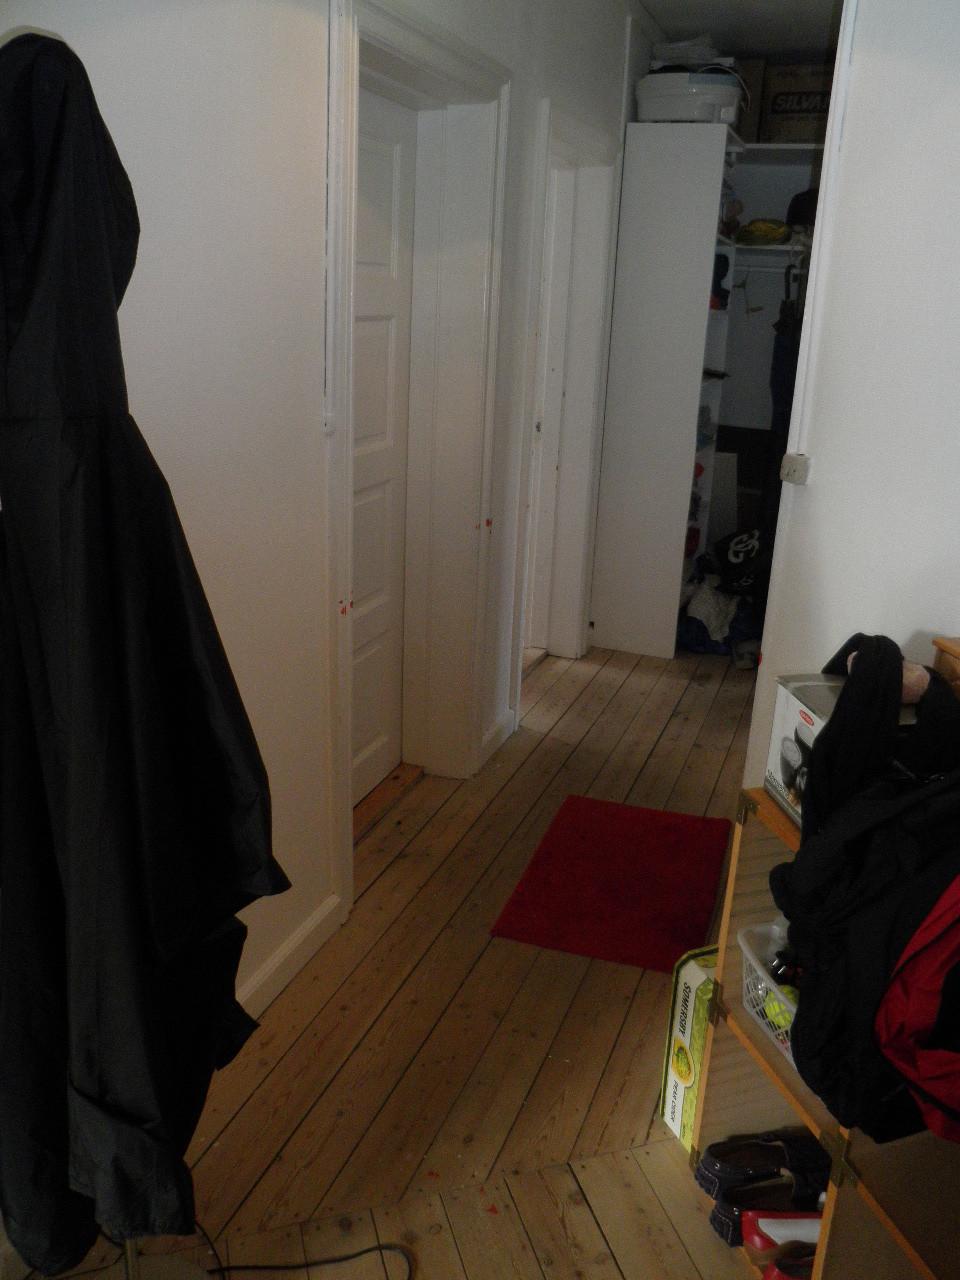 nice-cosy-room-copenhagen-rent-close-universities-15-20-min-foot-53dd415f79932a6371193a0d1a3fe446